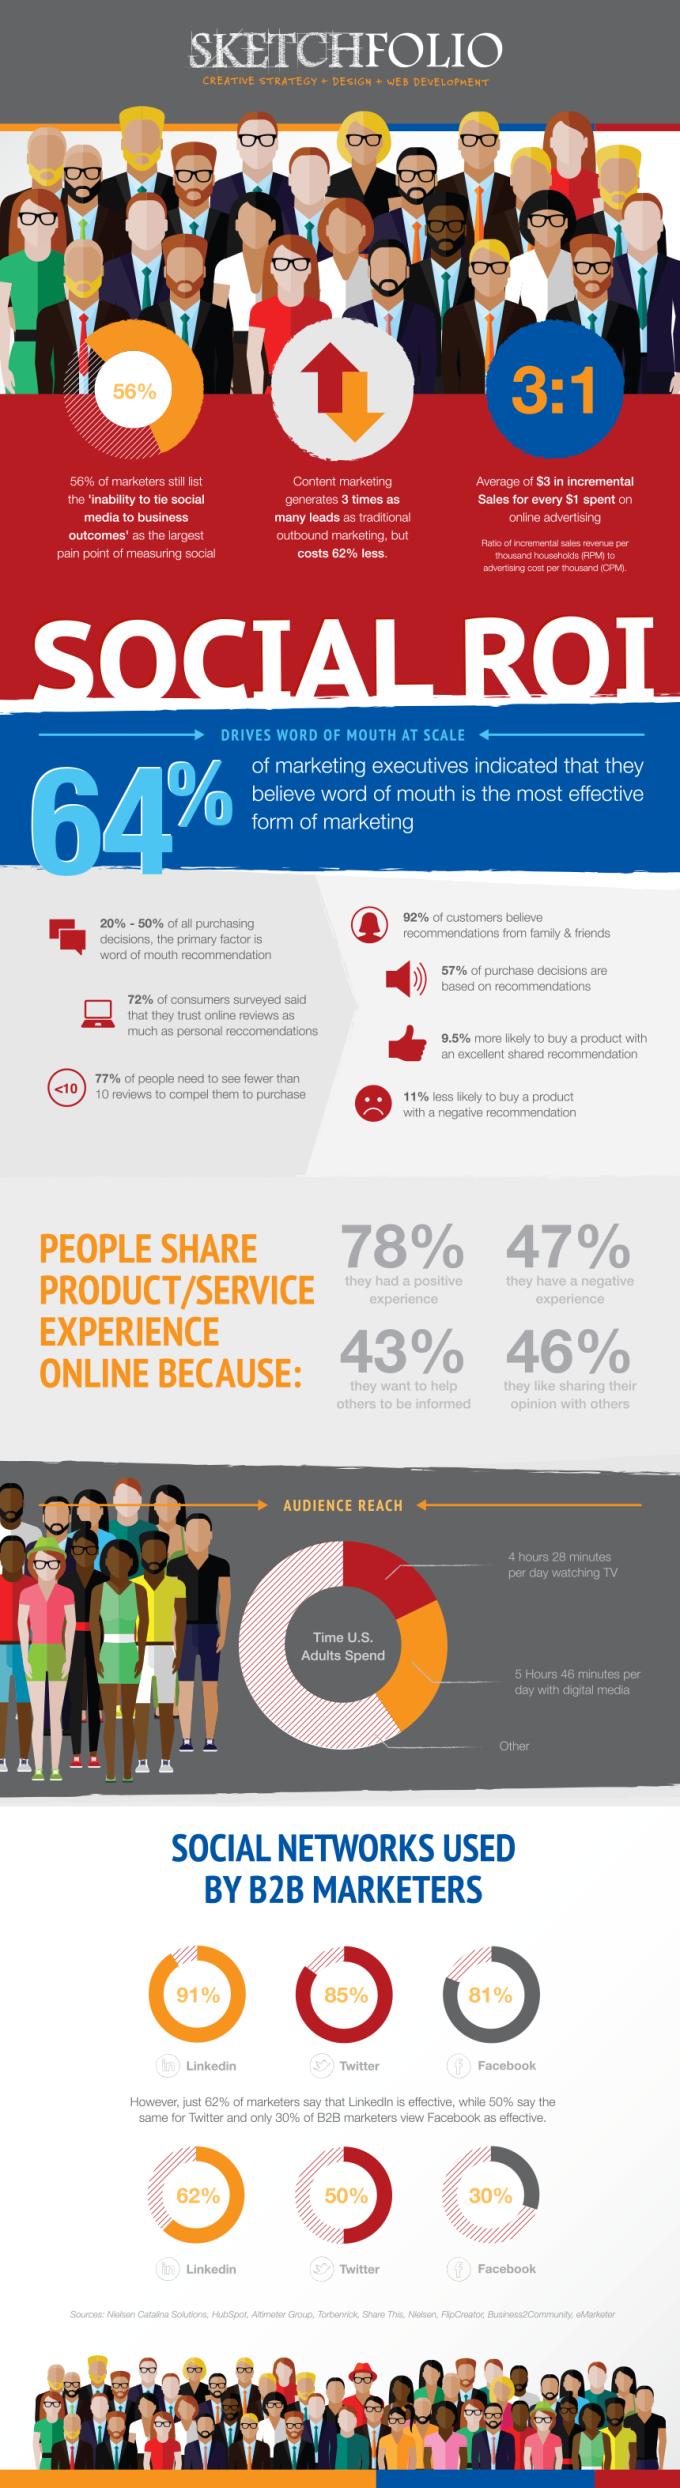 ske-infographic-socialmediaroi-v3a